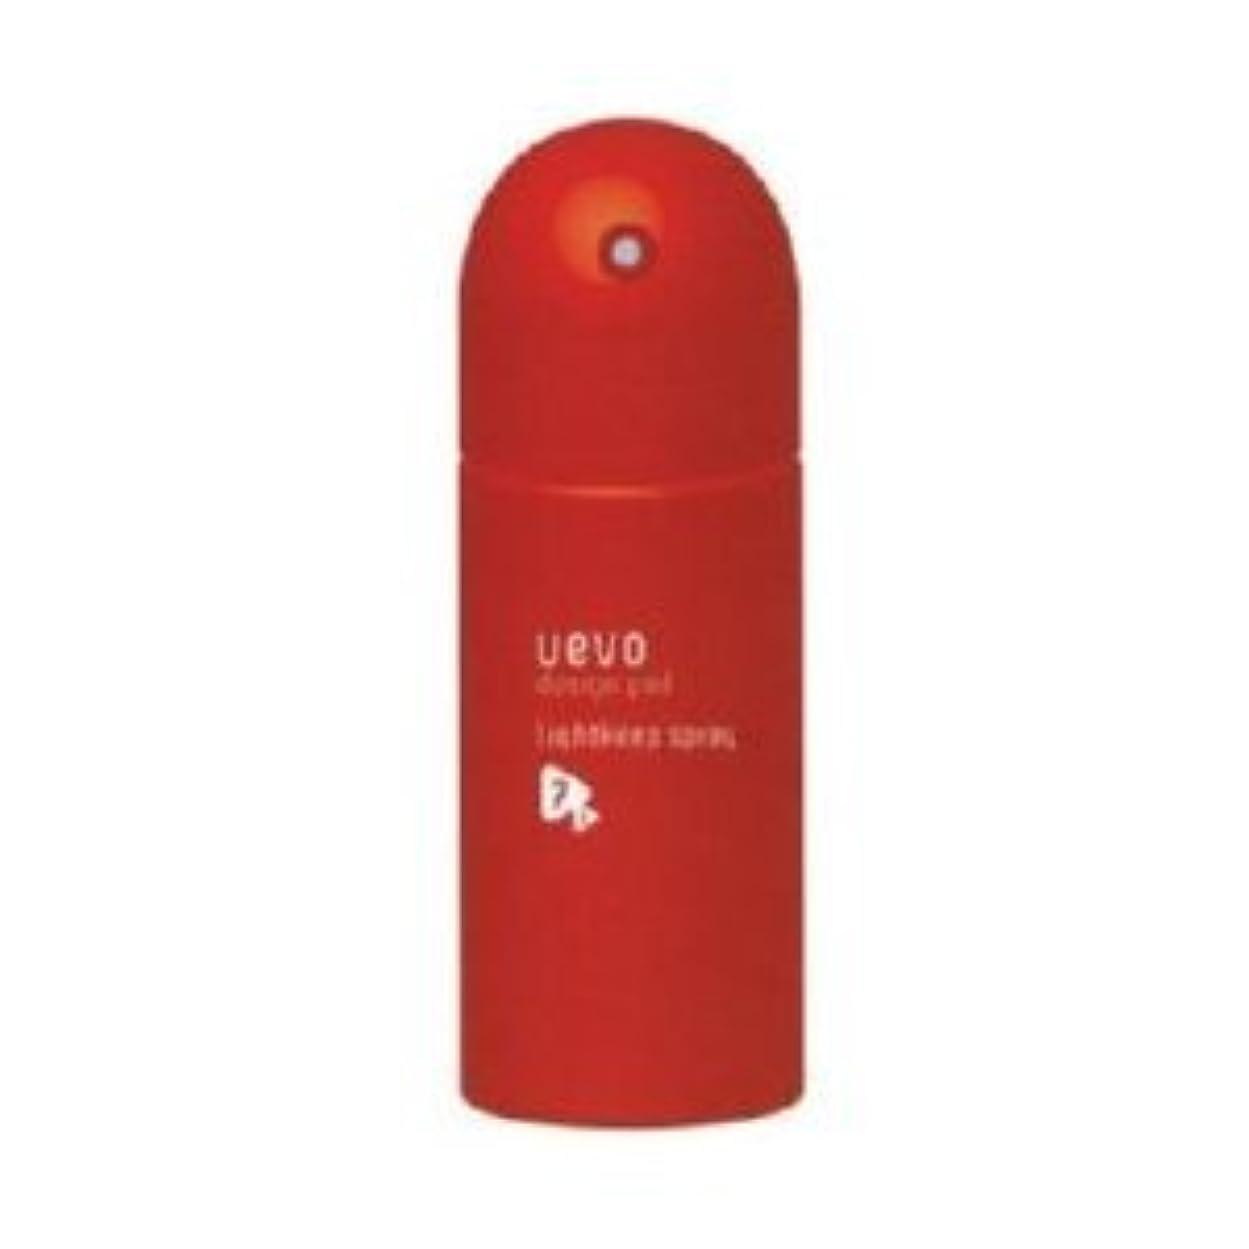 公爵敵対的傷跡【X3個セット】 デミ ウェーボ デザインポッド ライトキープスプレー 220ml lightkeep spray DEMI uevo design pod